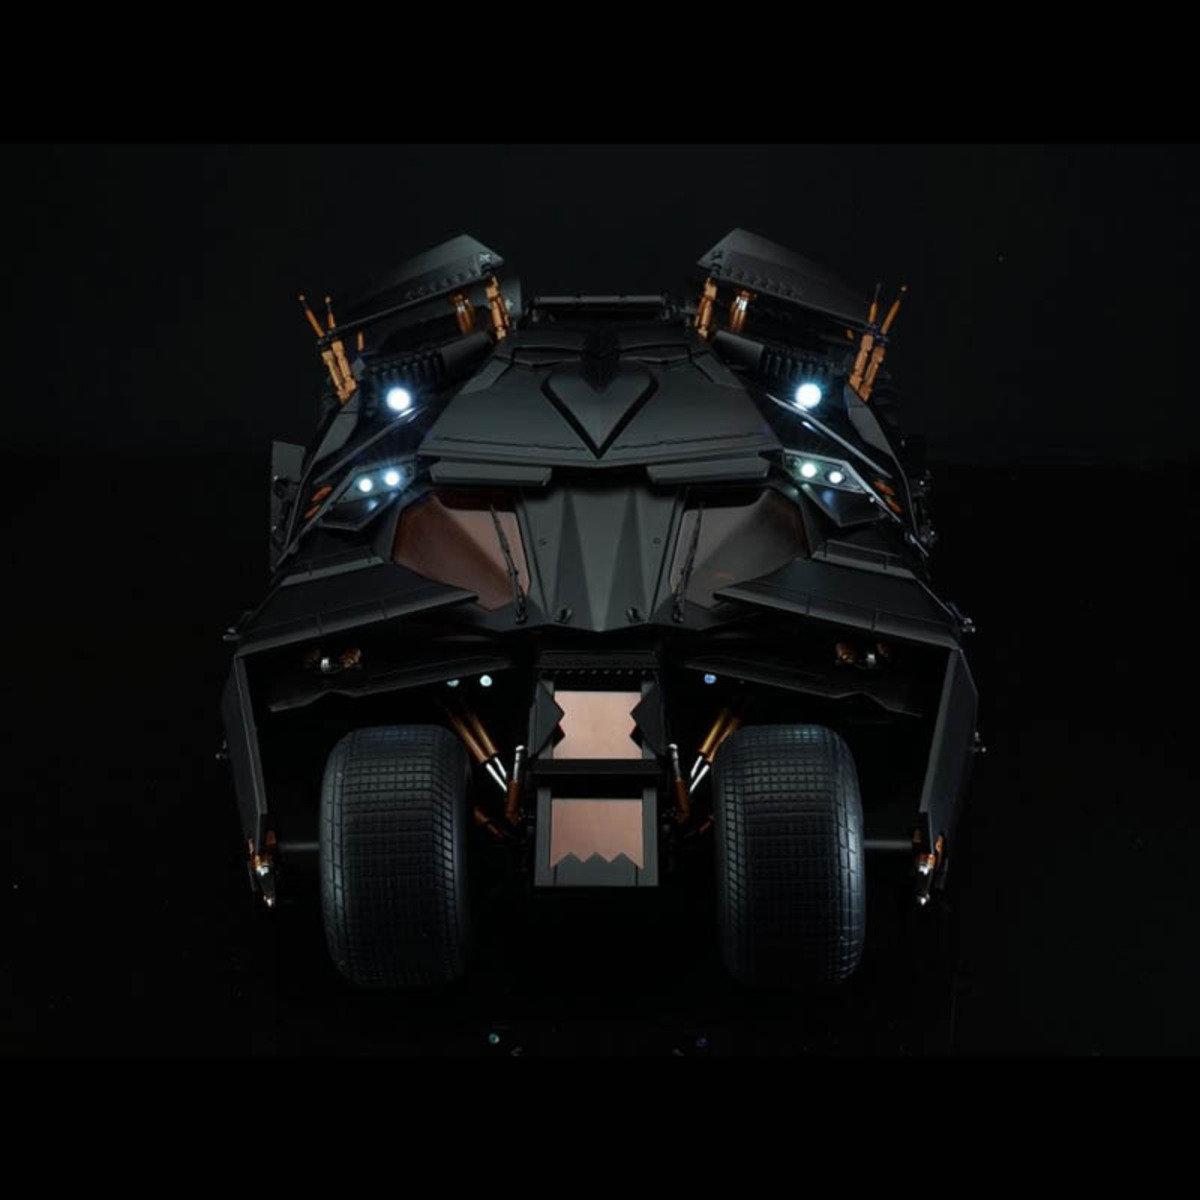 蝙蝠俠-黑夜騎士三部曲1:12智能遙控蝙蝠車(駕駛版)